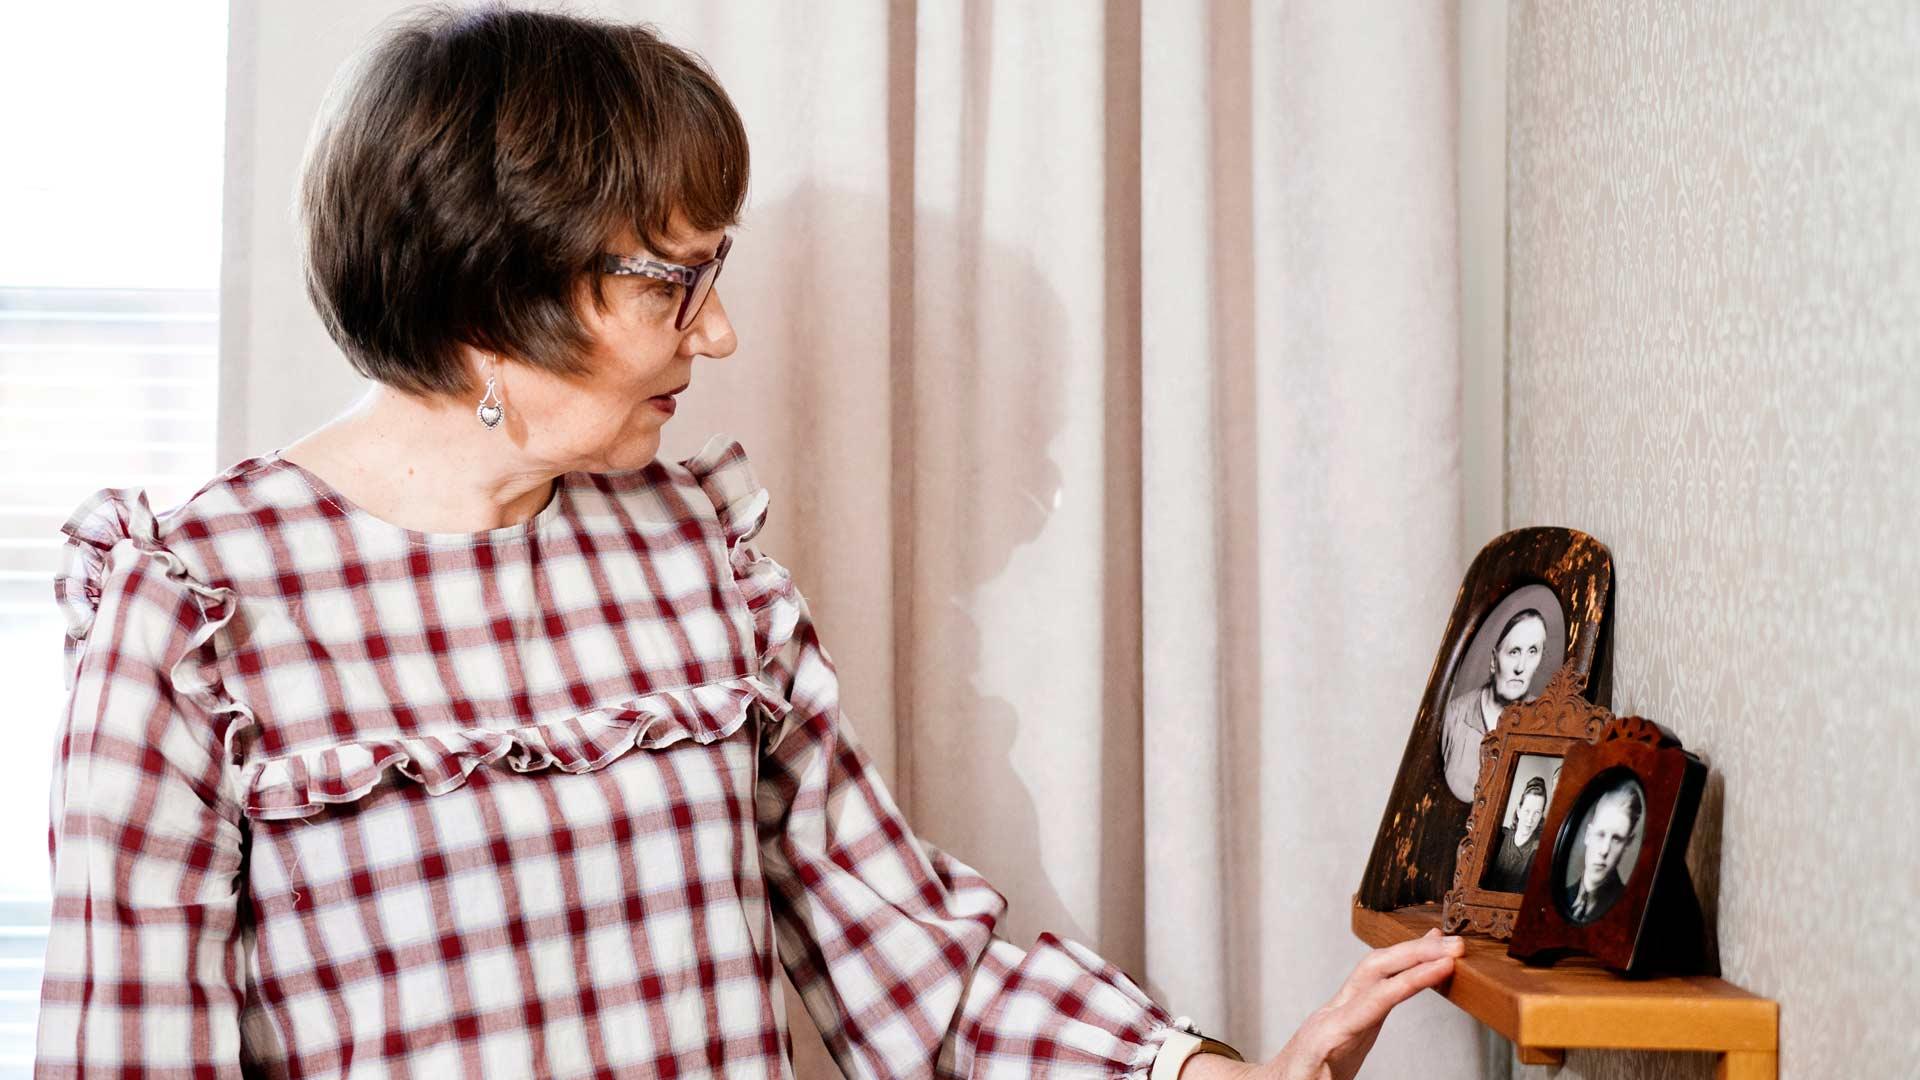 """Isänäiti, mumma, oli ehkä tärkein vaikuttaja Helena Jouppilan elämässä. """"Hänen huolenpitonsa oli merkittävää. Hän oli hyvin lempeä ihminen ja suhtautui kaikkiin ihmisiin myönteisesti."""""""